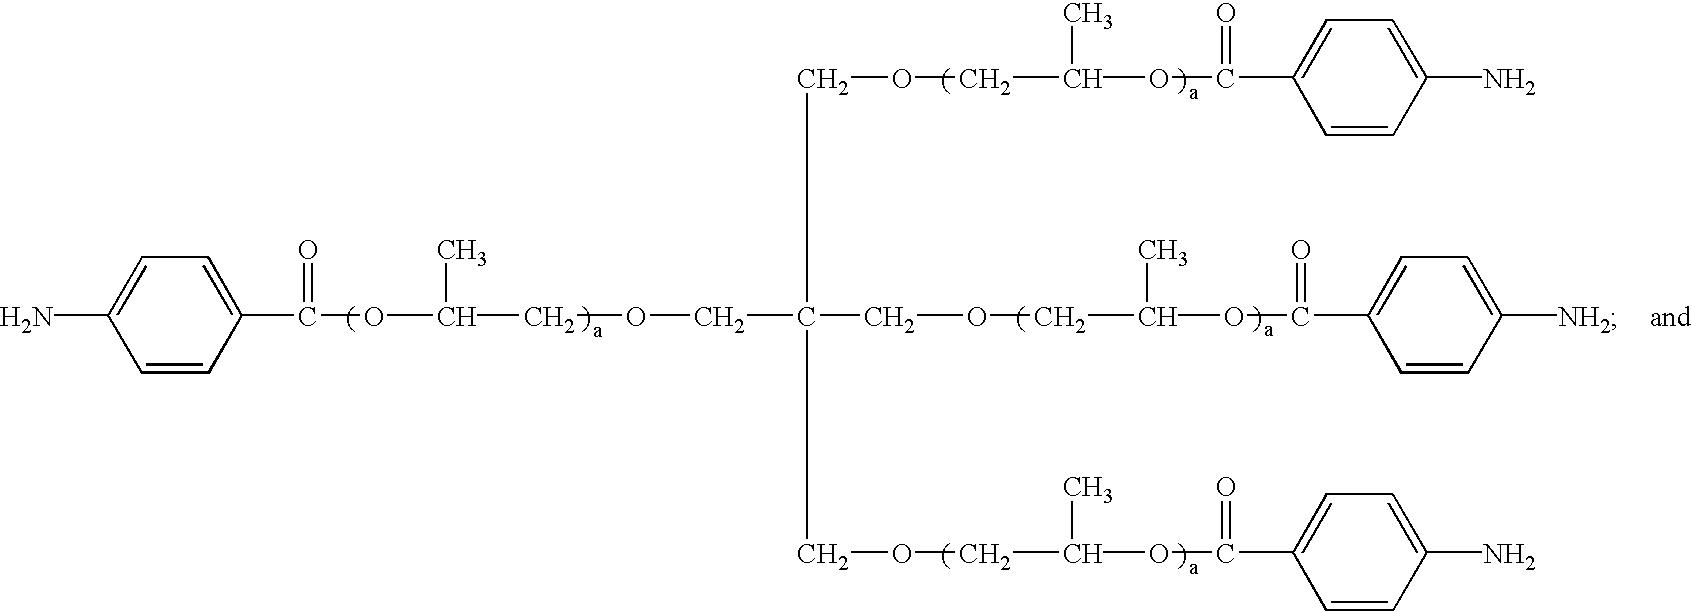 Figure US06403063-20020611-C00012